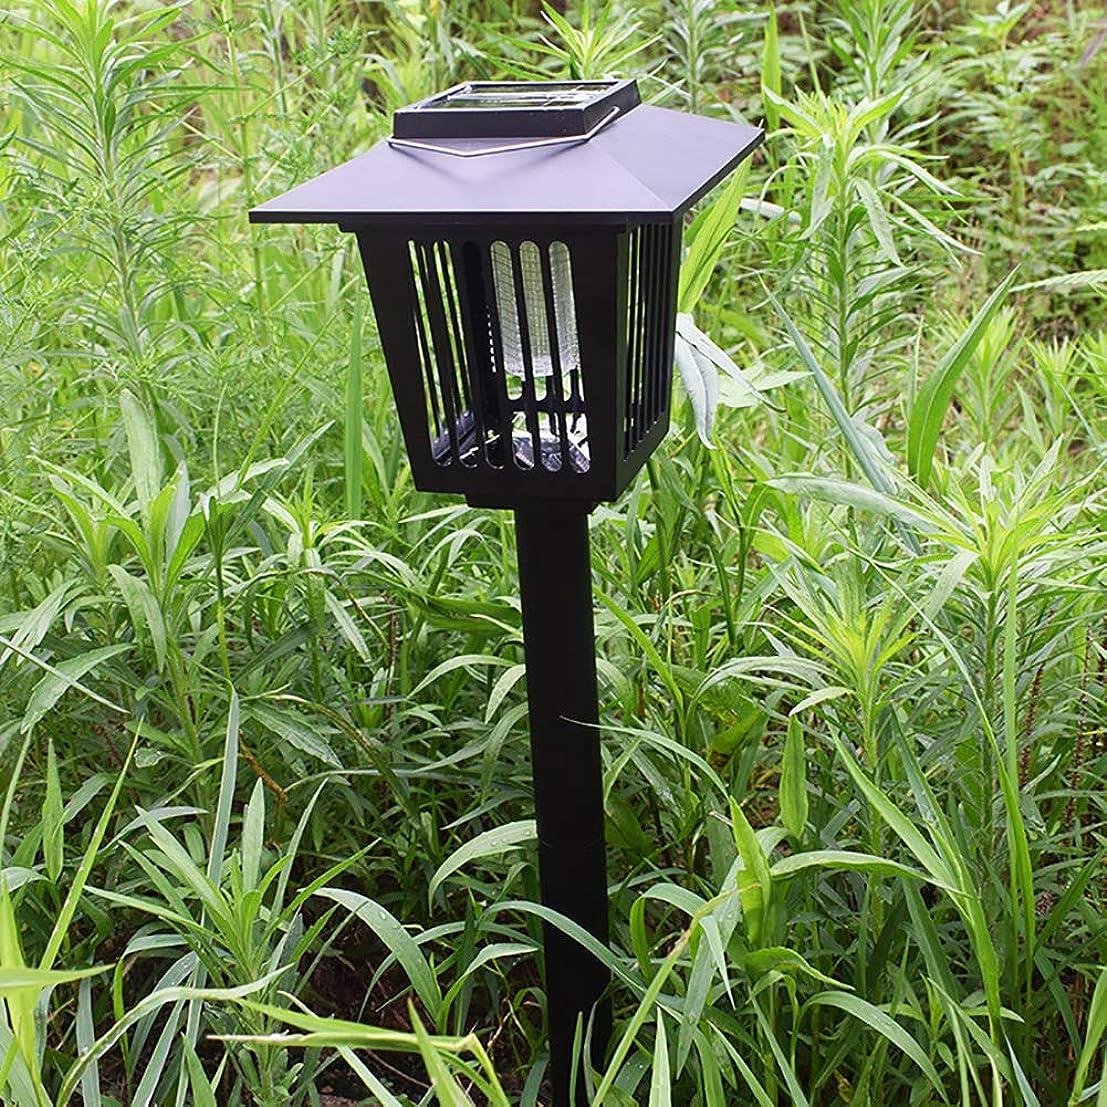 ベッツィトロットウッド日喜んでソーラー屋外中庭の防雨芝生ランプ、3 LED自動スイッチ作業、蚊キラー、6V 600MAH、プラグ式/吊り下げ設置